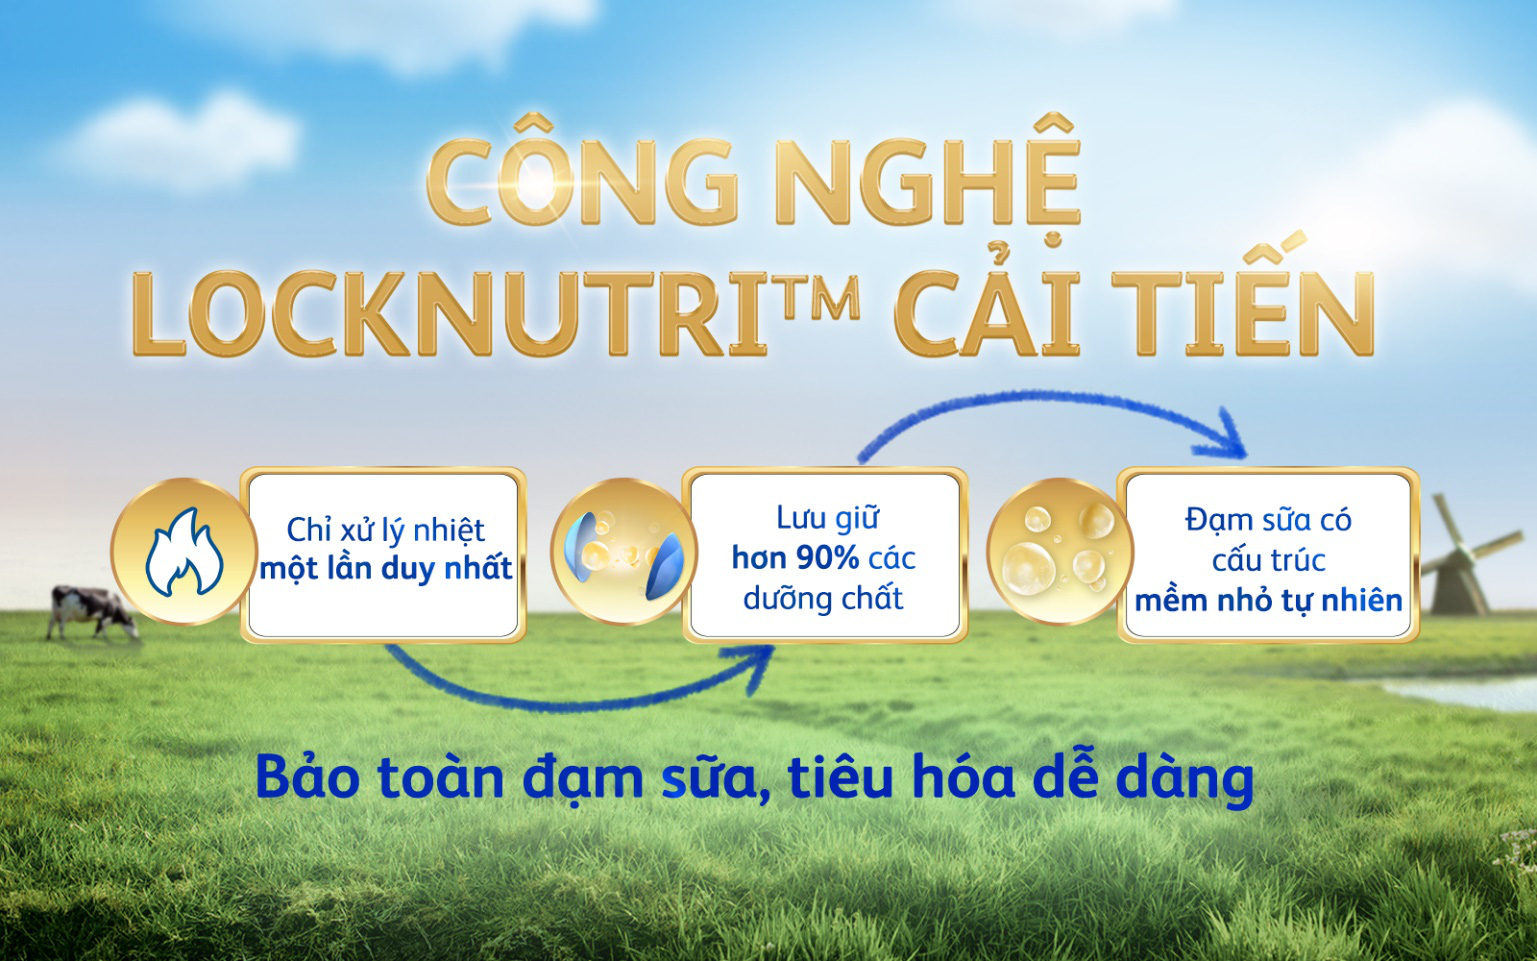 Friso Gold mới với nguồn sữa NOVAS 100% từ Châu Âu giúp bé dễ tiêu hóa - Ảnh 3.